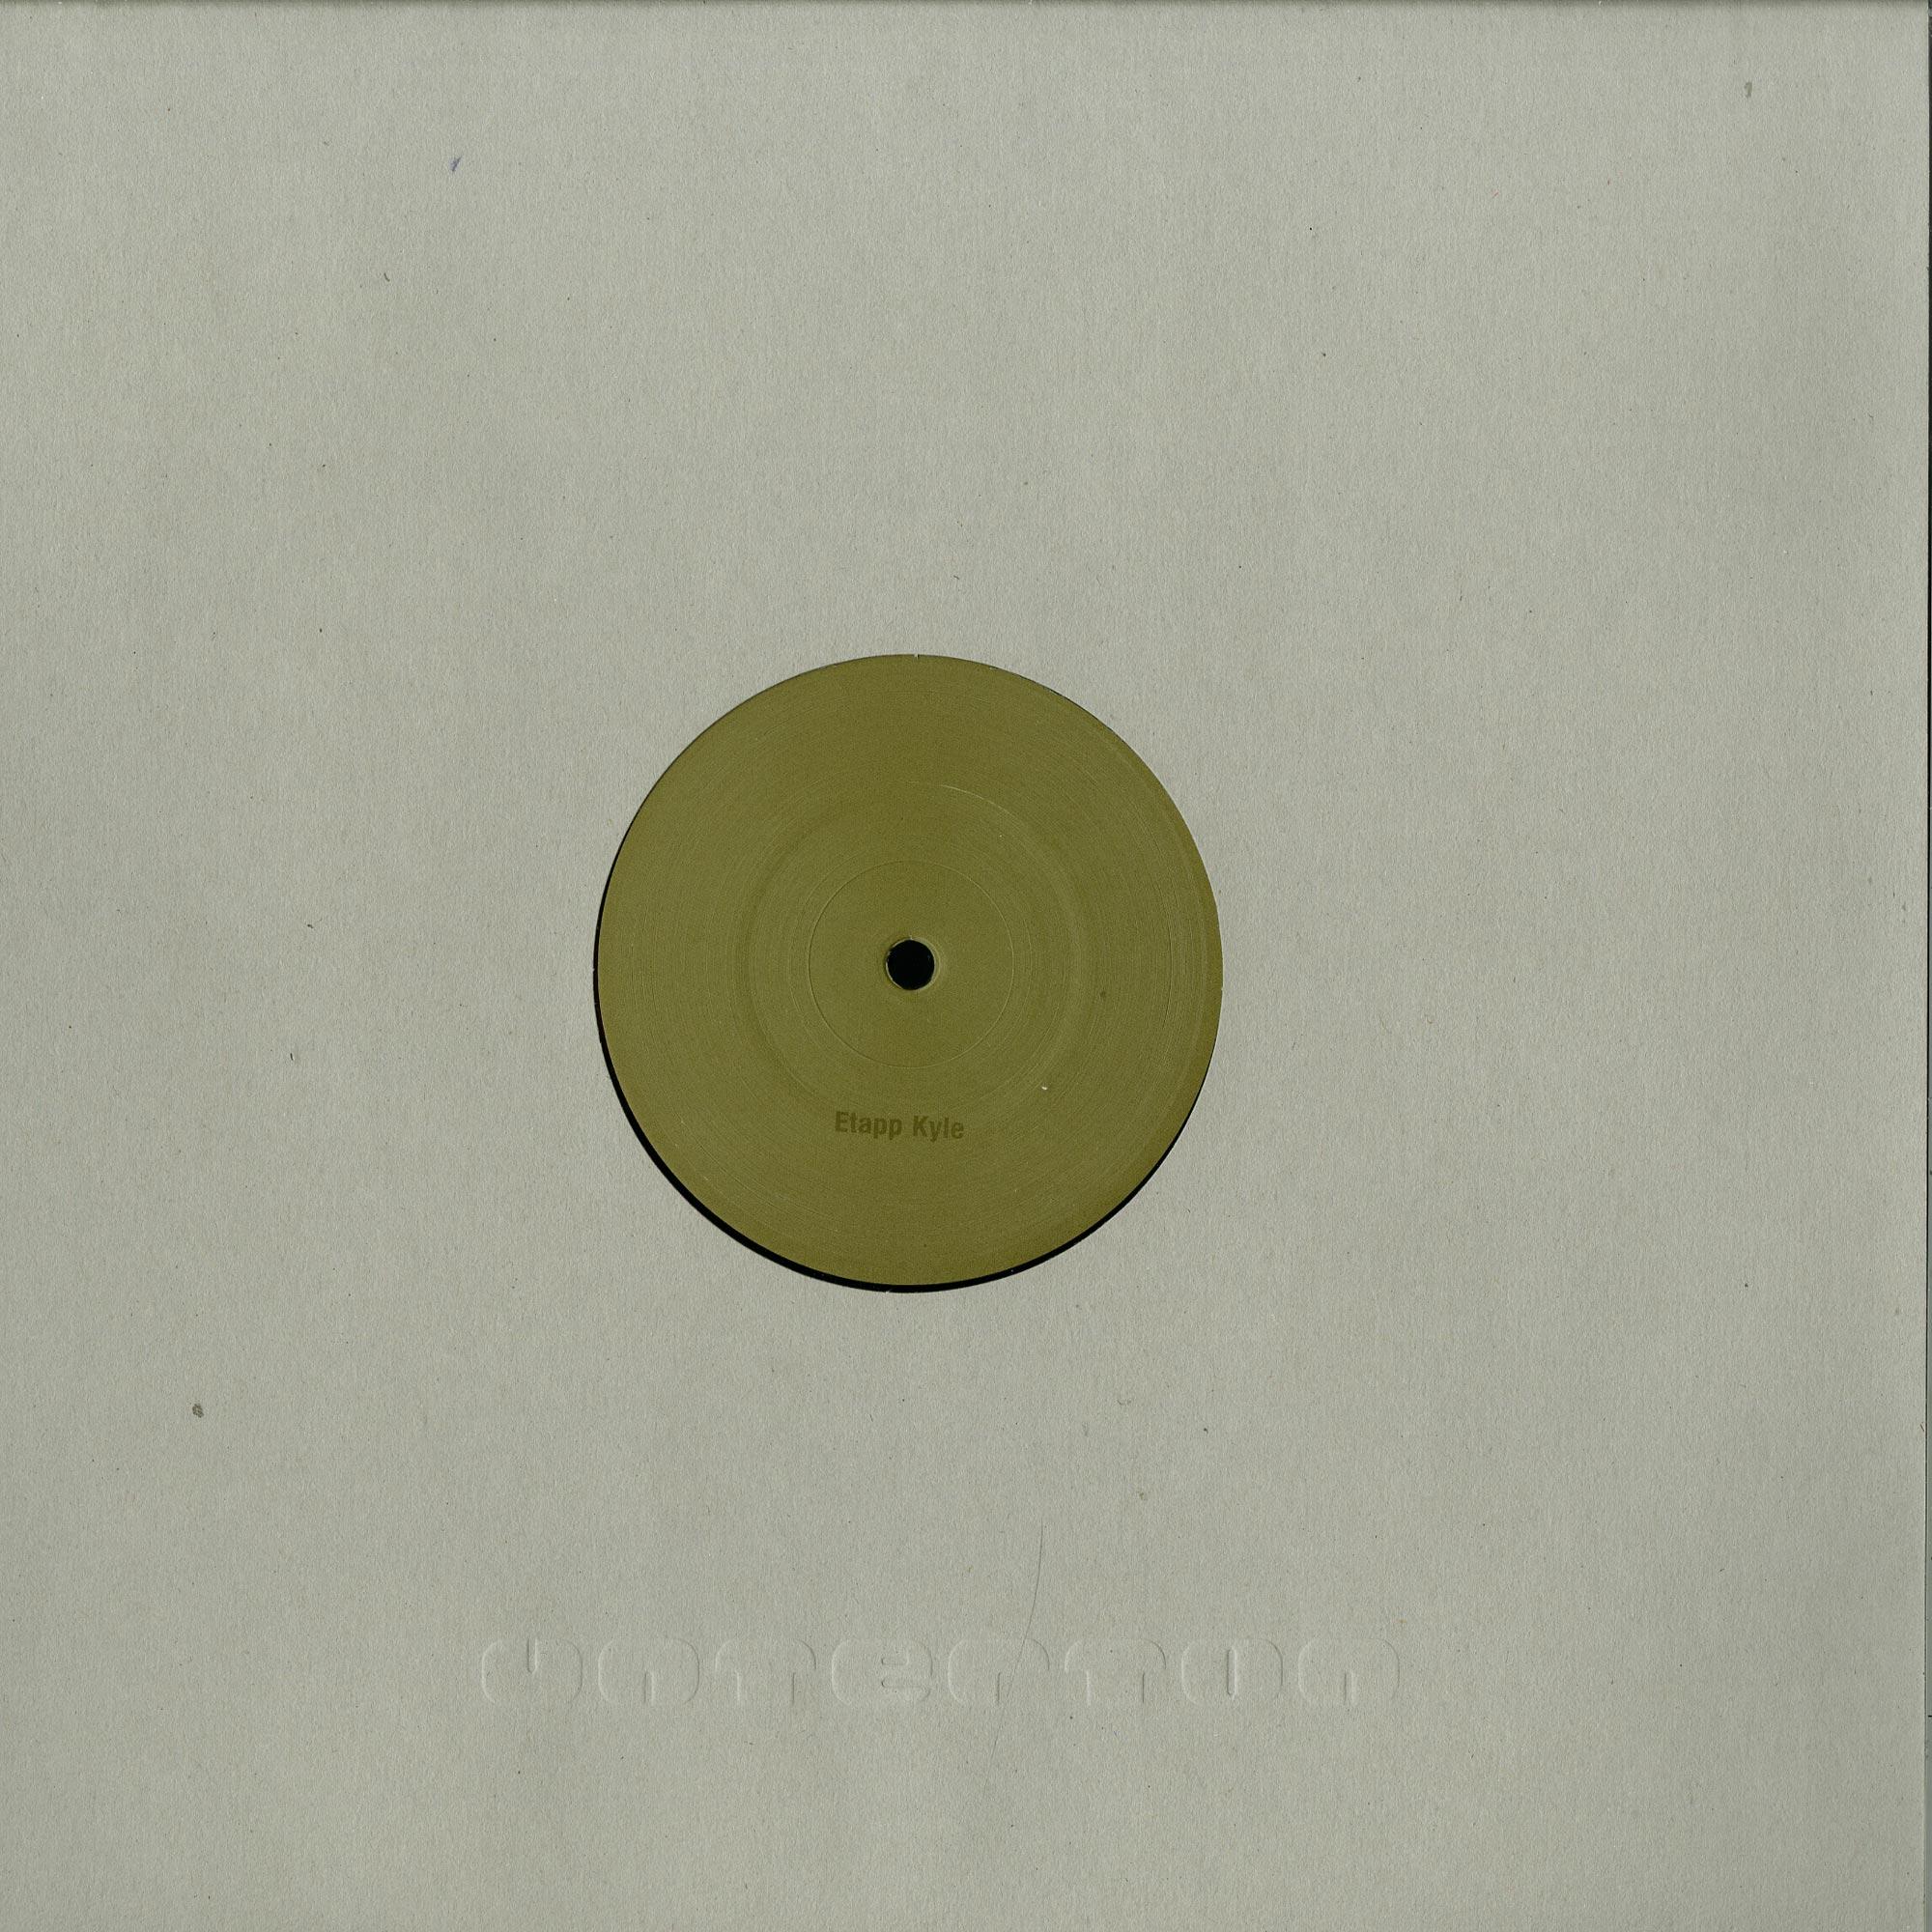 Etapp Kyle - CONTINUUM EP